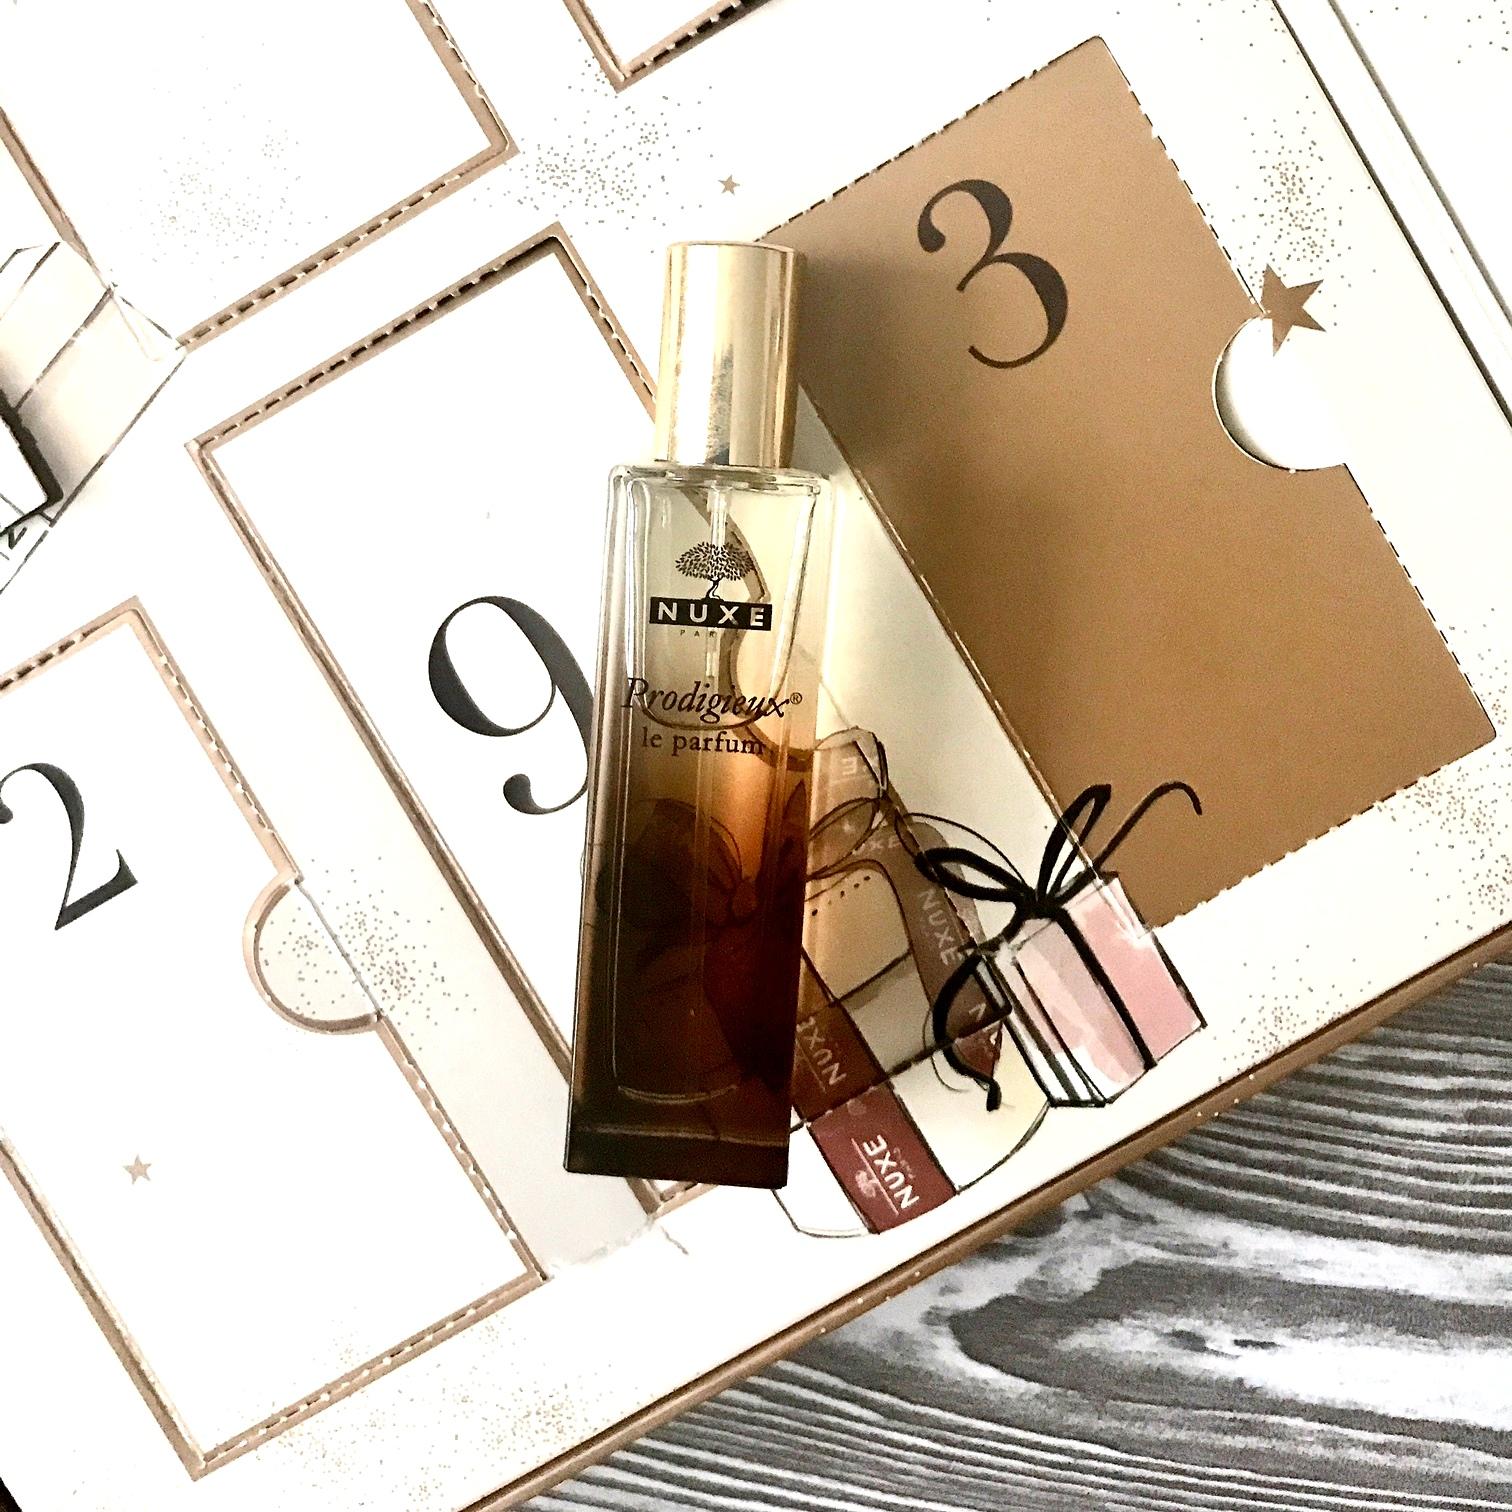 zdjęcie przedstawiające Nuxe Prodigieux le parfum